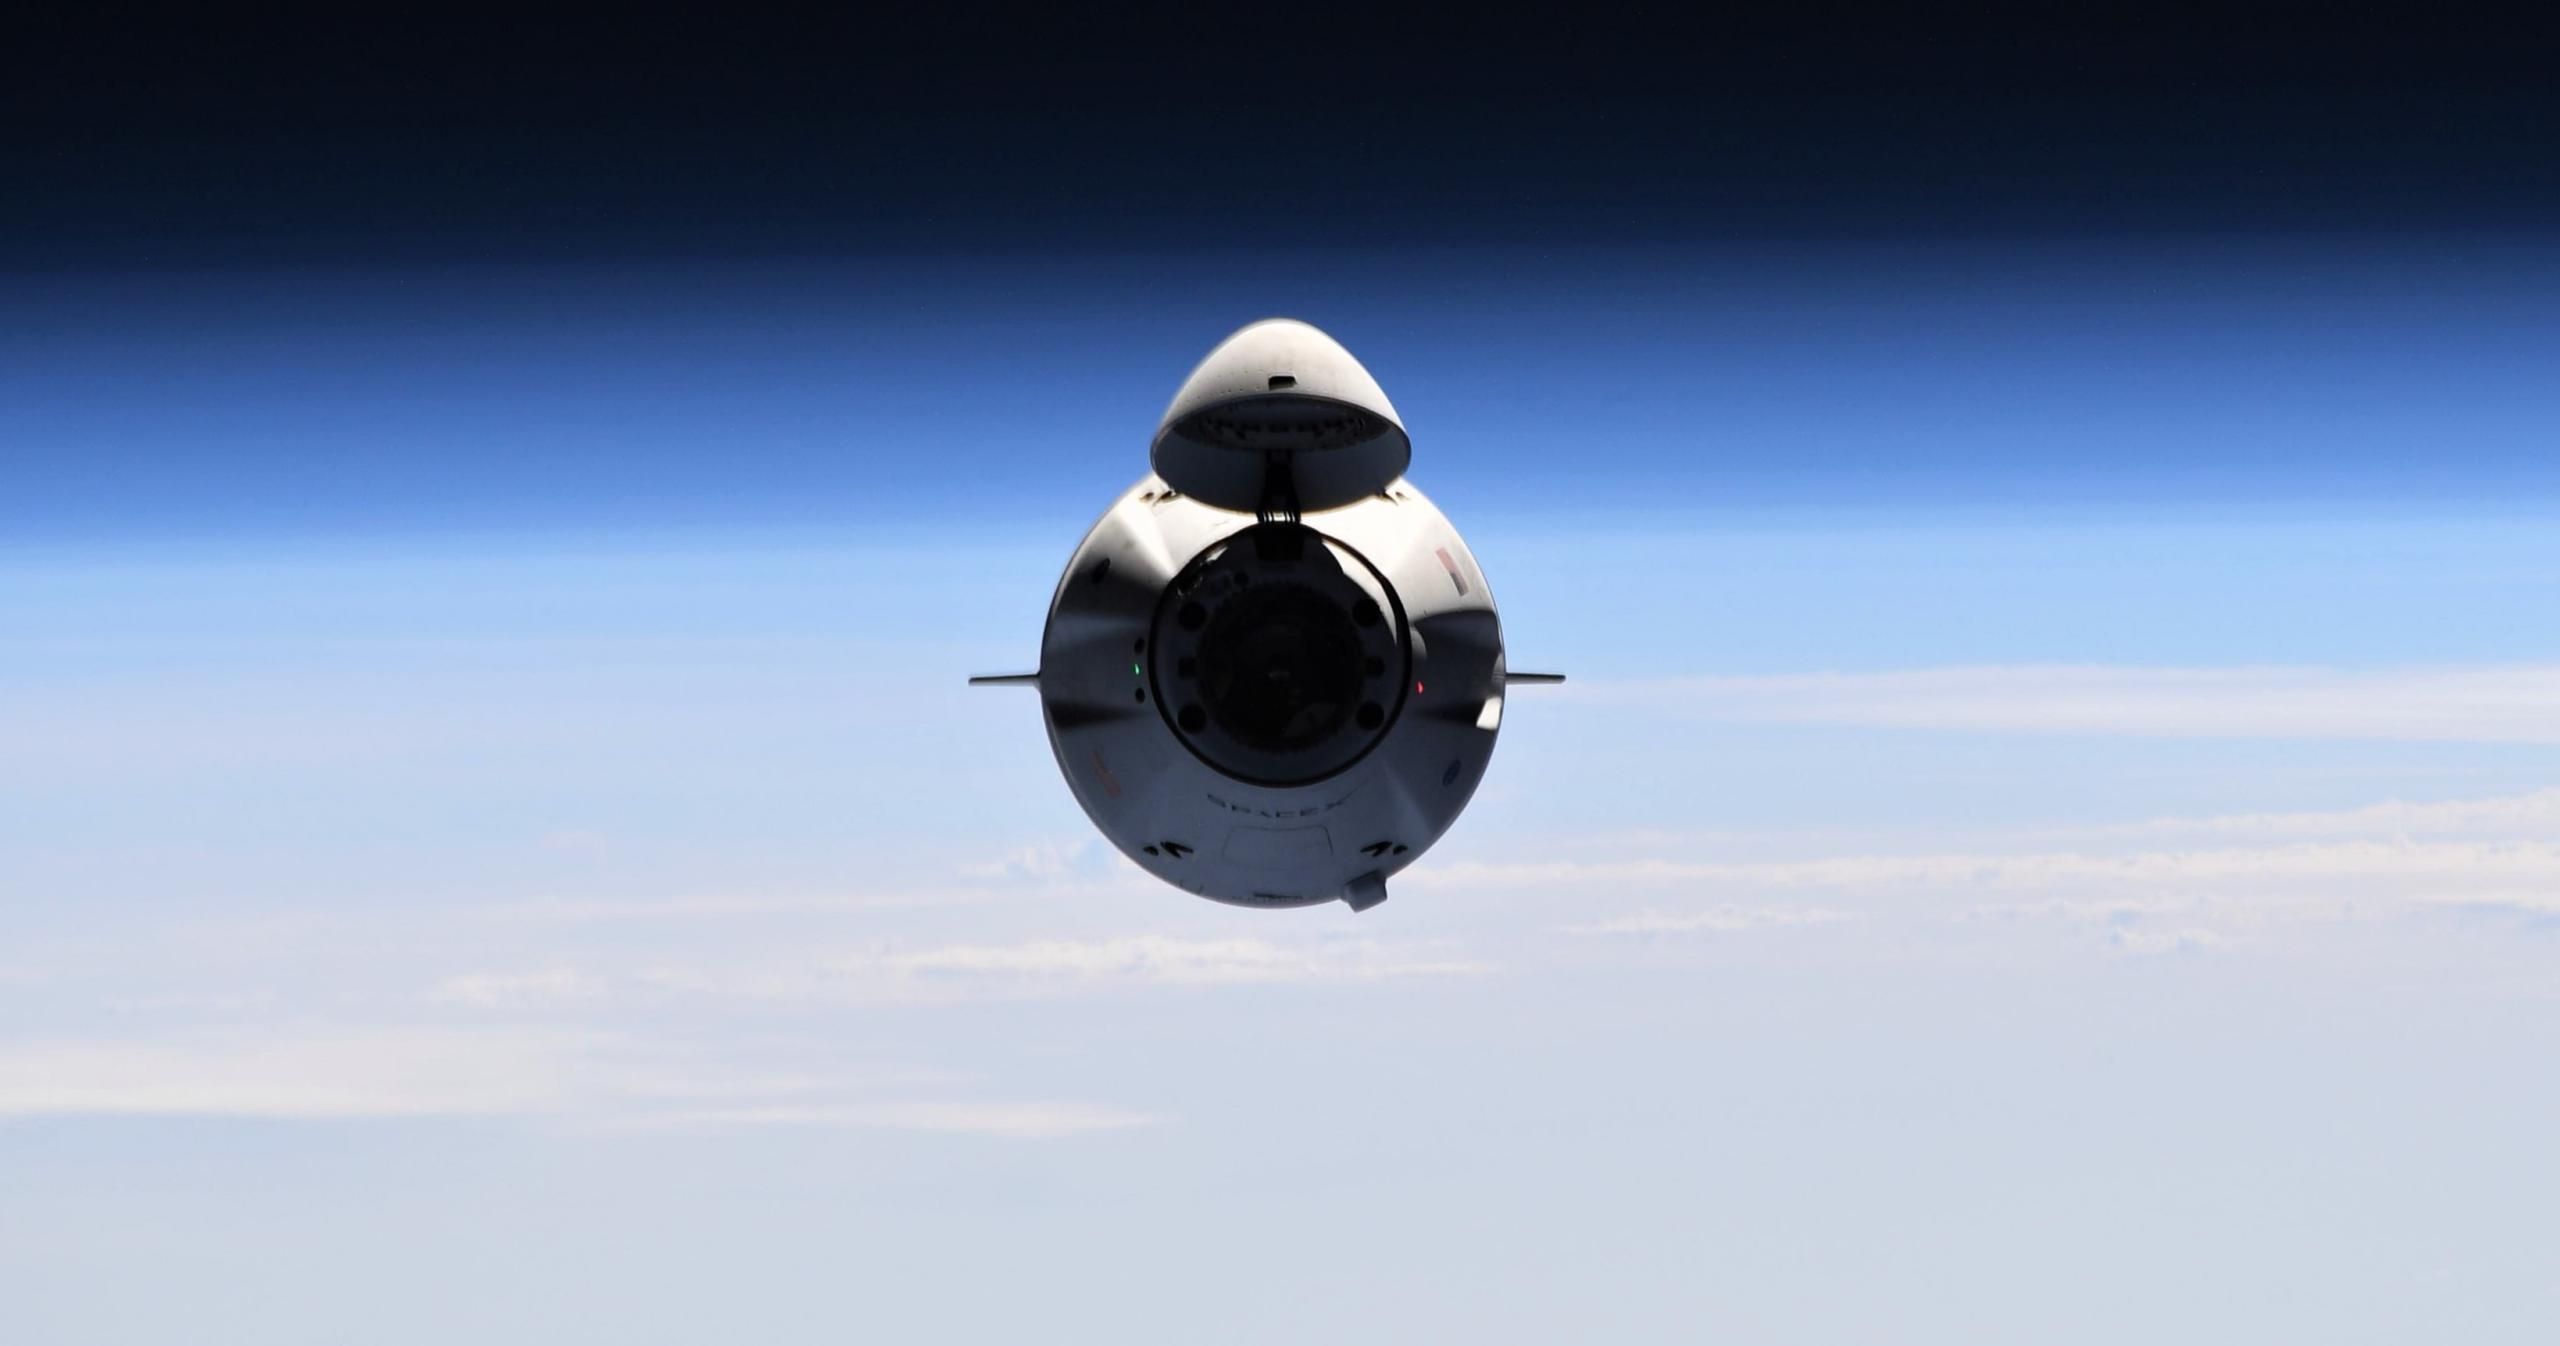 CRS-22 Cargo Dragon C209 ISS rendezvous 060521 (Thomas Pesquet – ESA) 6 crop 2 (c)